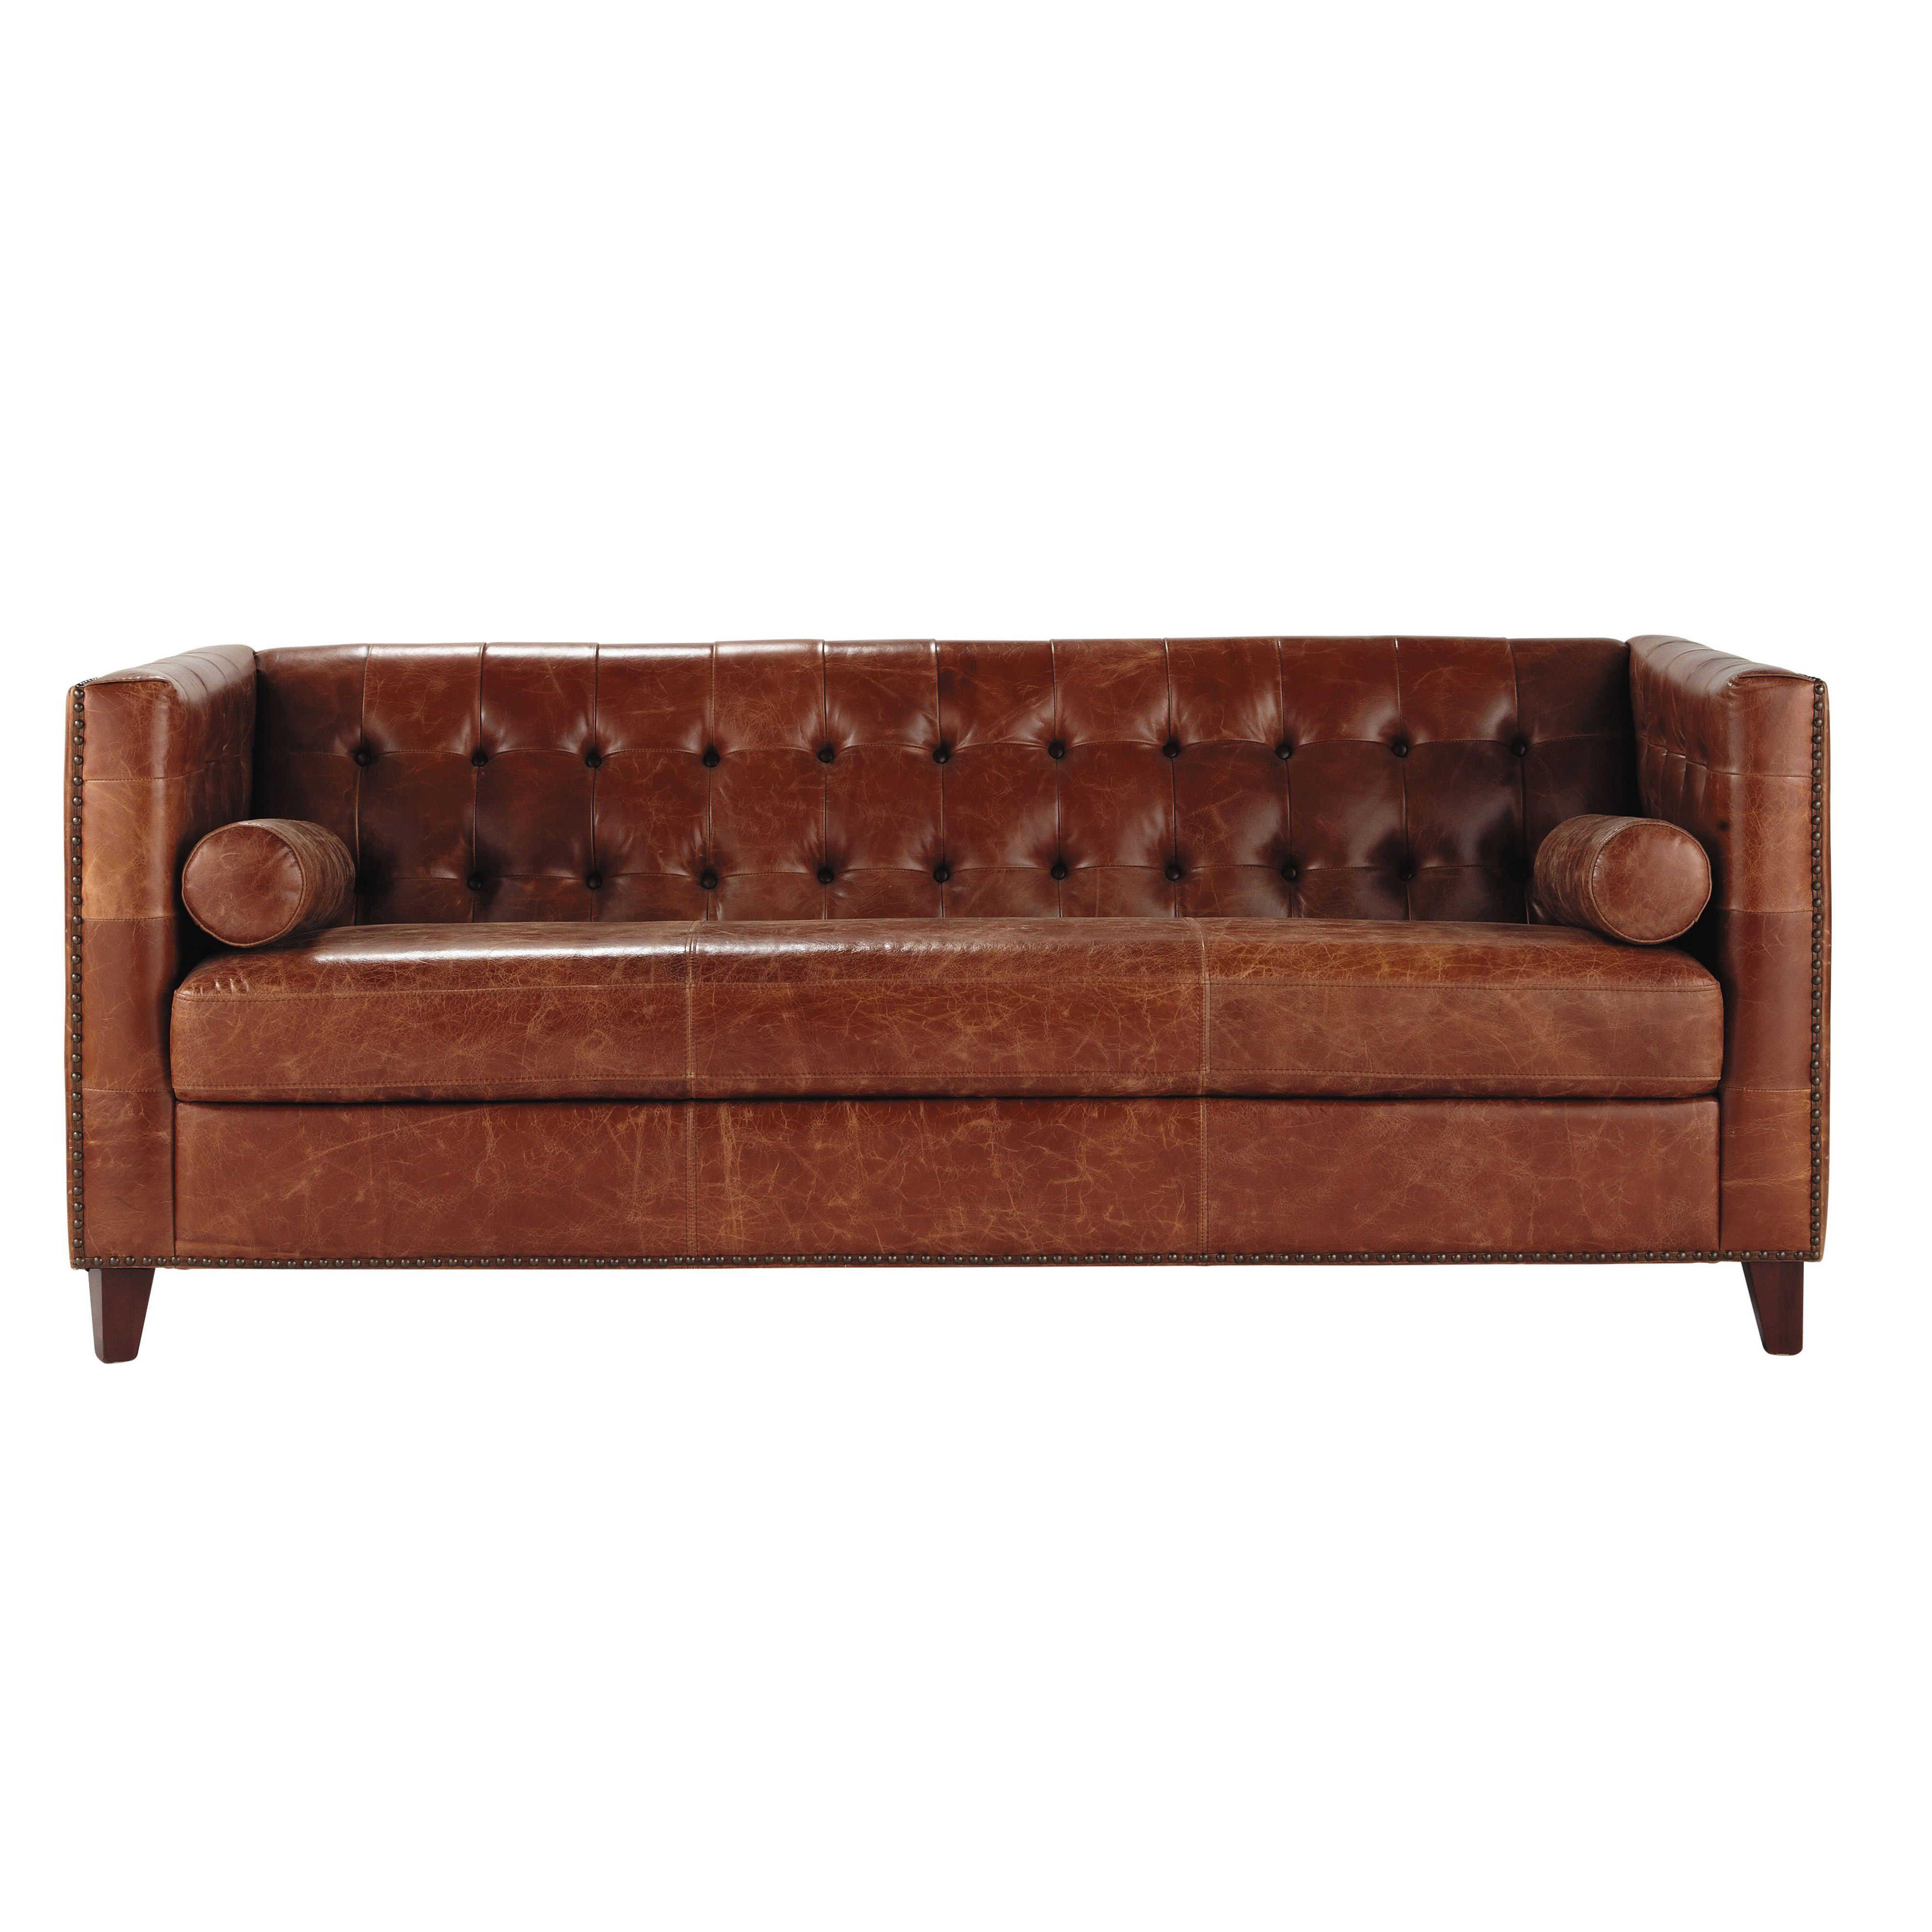 Canape Capitonne Vintage 3 Places En Cuir Marron Maisons Du Monde Sofa Leder Vintage Sofa Sofa